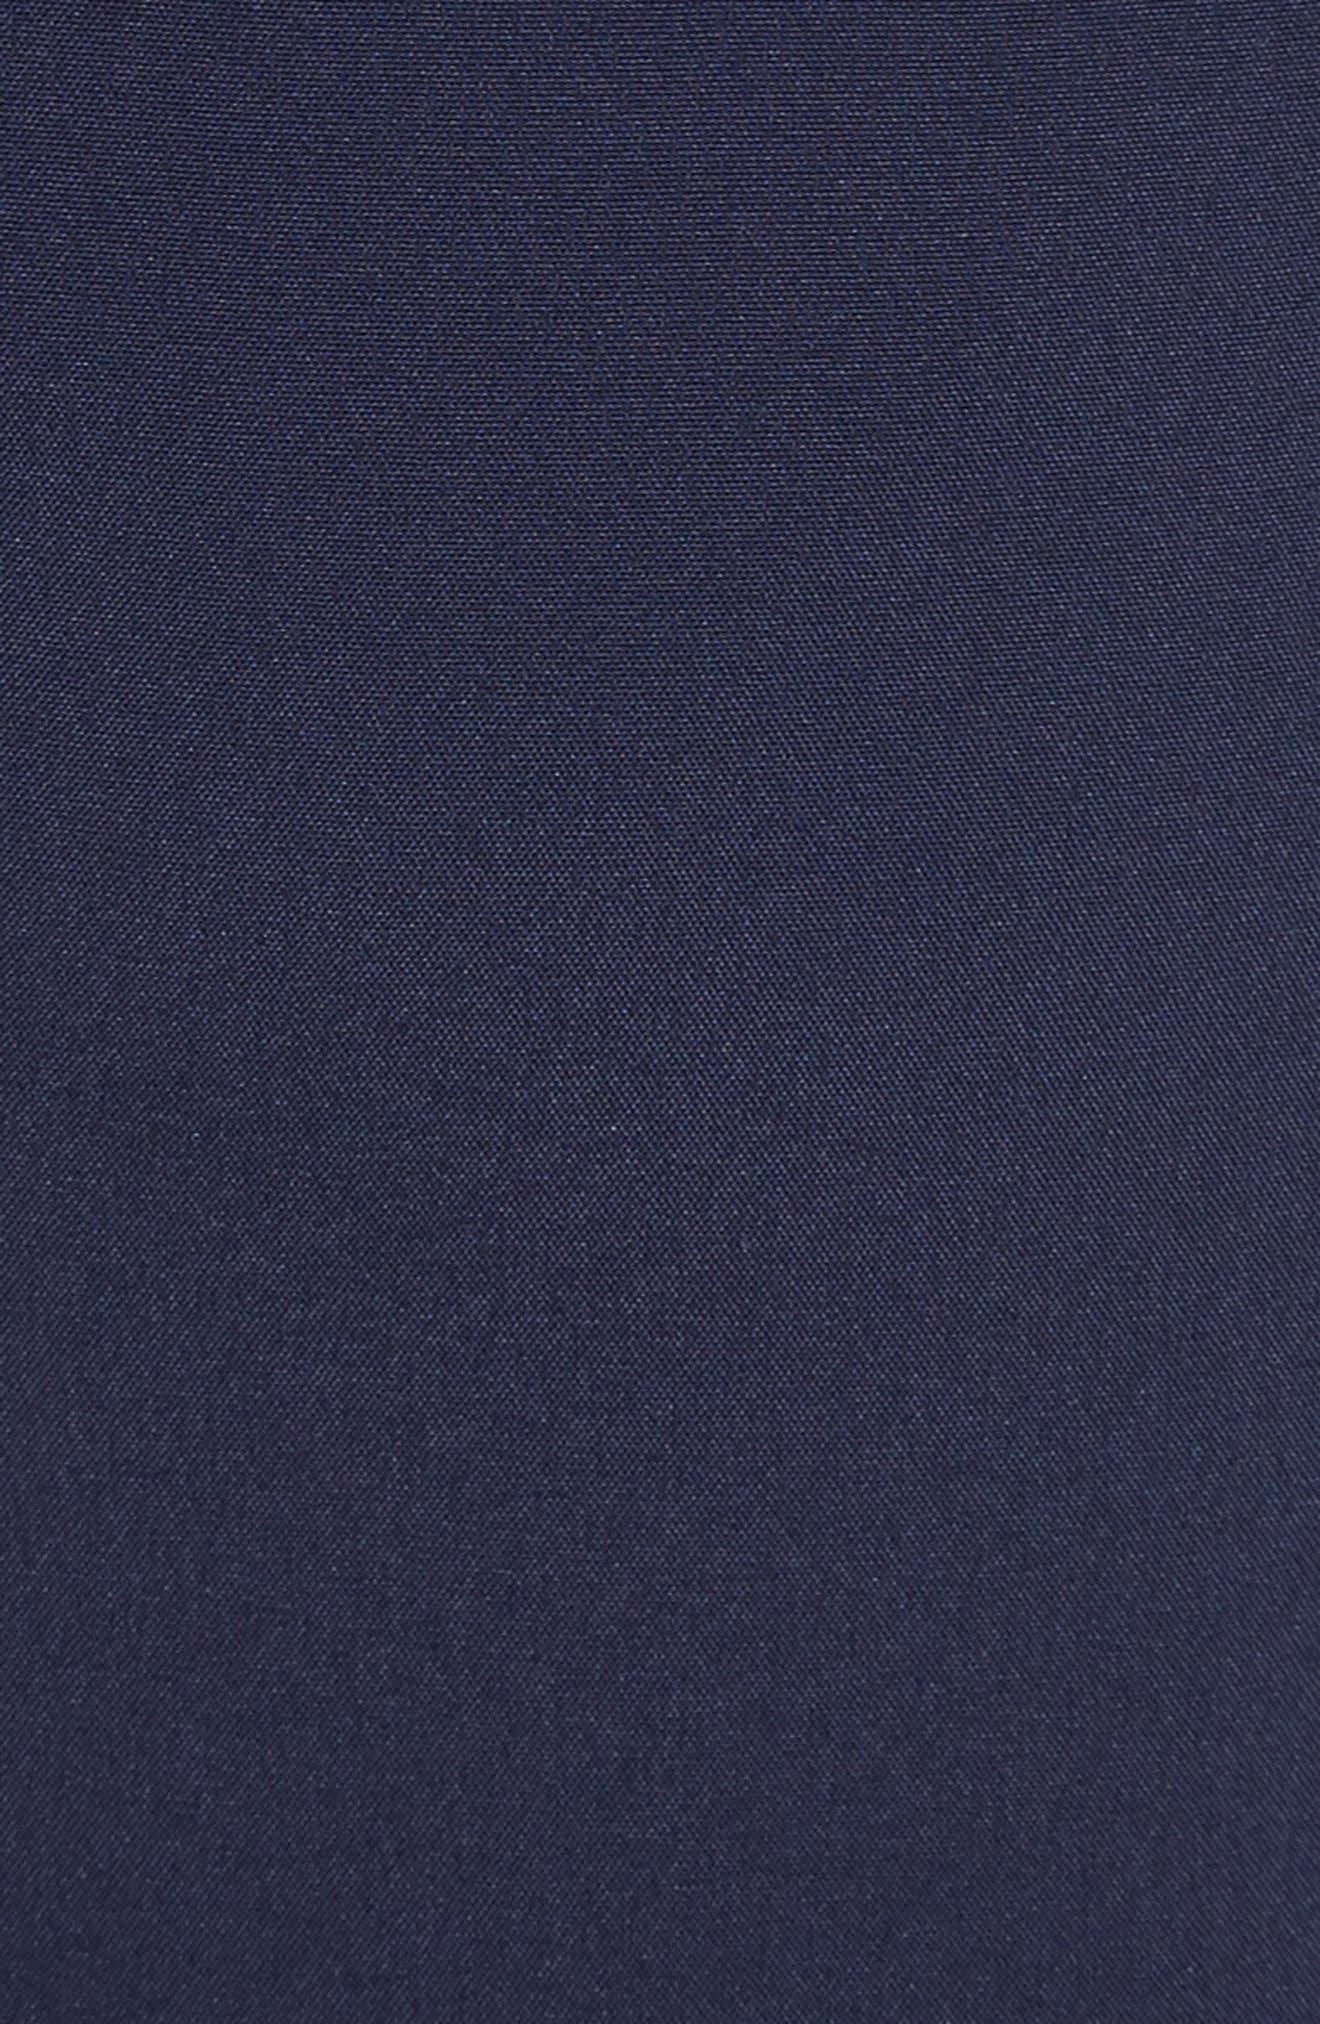 Bellis Lace Cape Maxi Dress,                             Alternate thumbnail 5, color,                             400